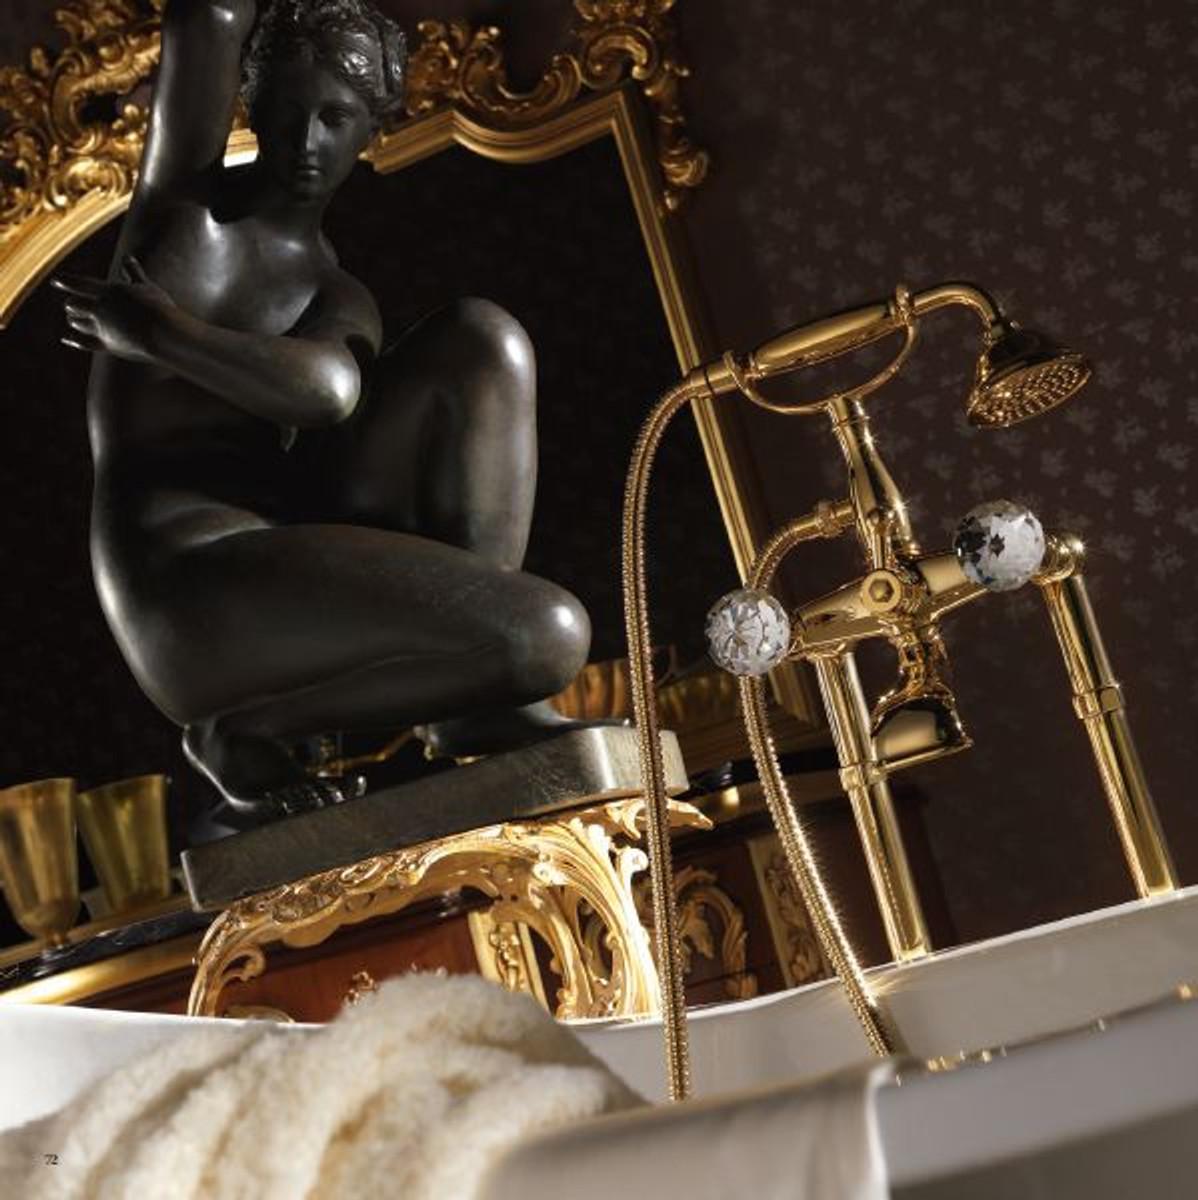 Casa Padrino Jugendstil Badewannen Armatur Gold H. 105,5 cm - Nostalgische Badezimmer Badewannen Armatur mit Brause und Standfüßen 3